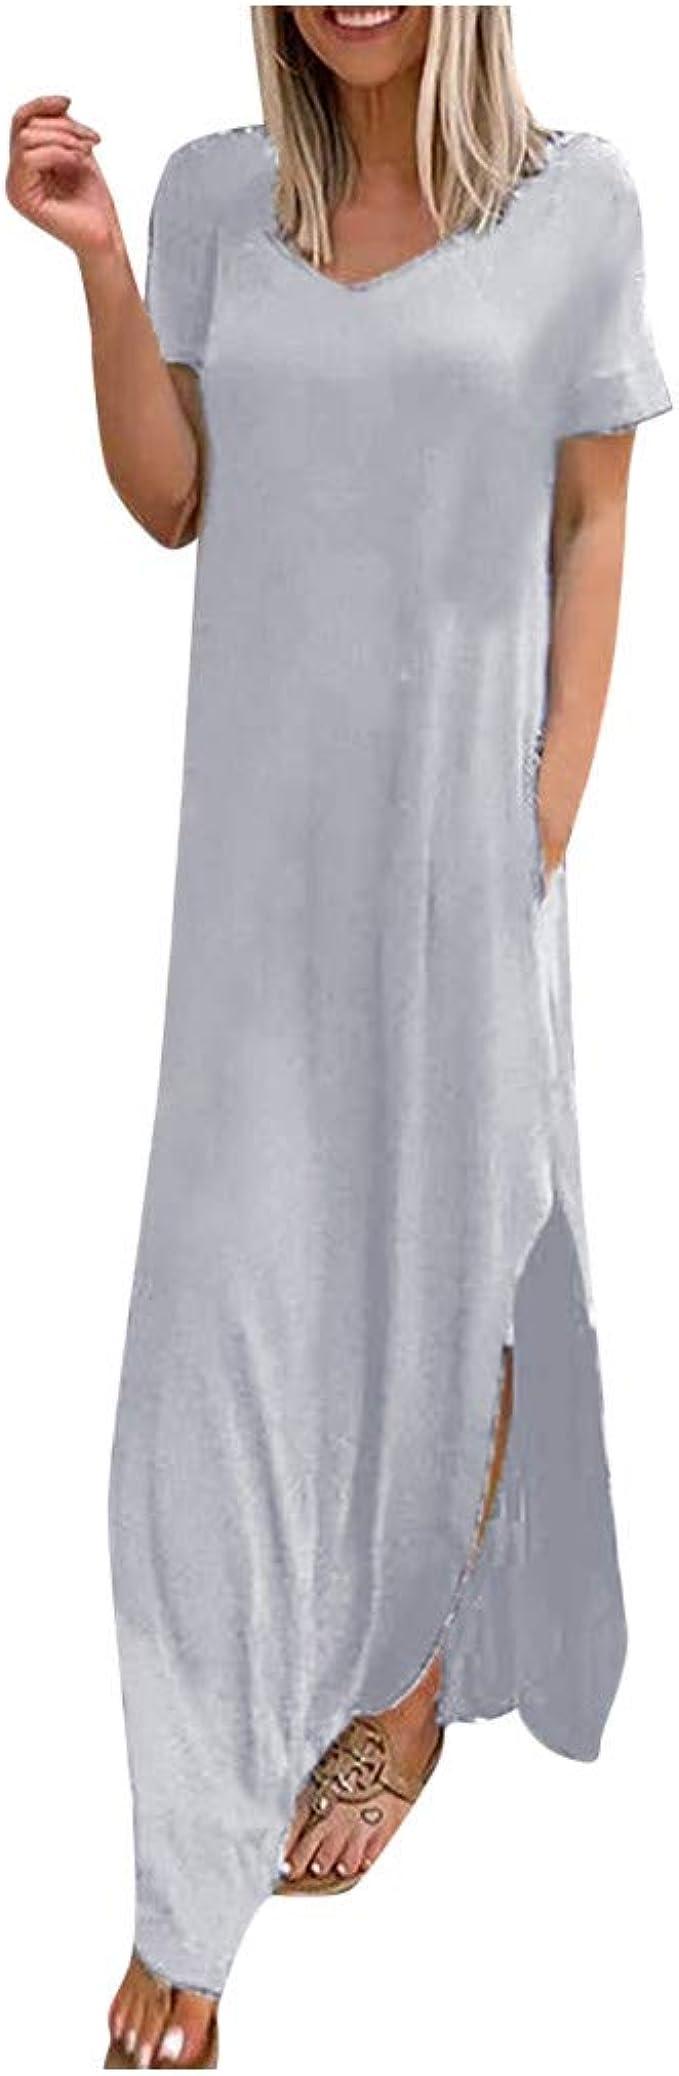 Xisimei Kleider Damen, Maxikleid Tshirt Kleid Abendkleider Elegant